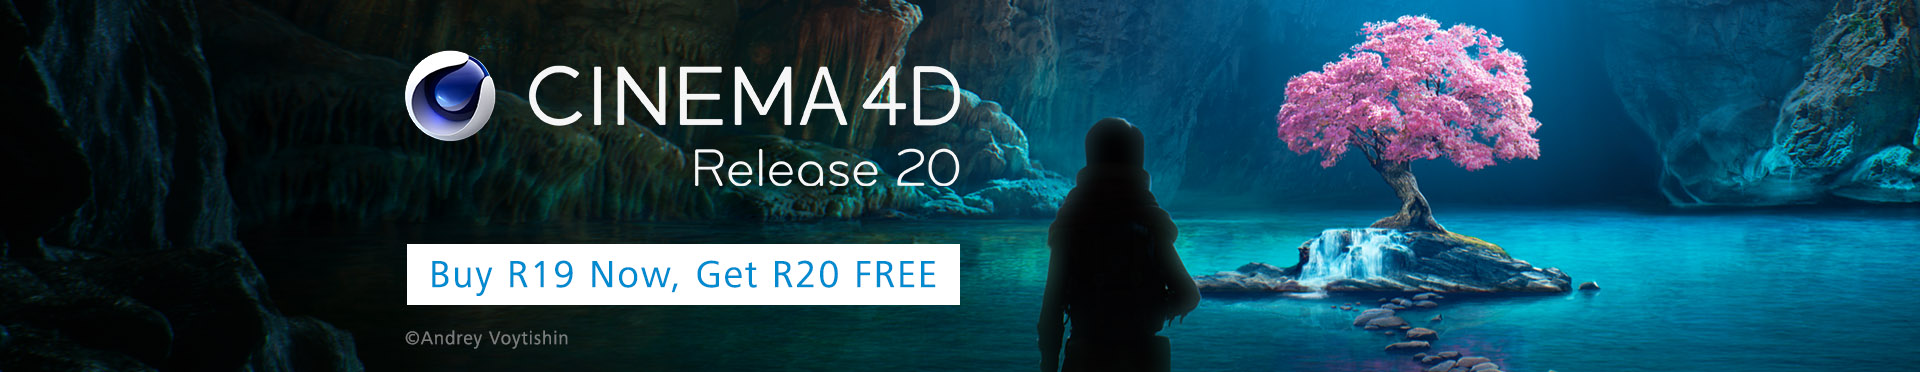 Cinema 4D R20 announced